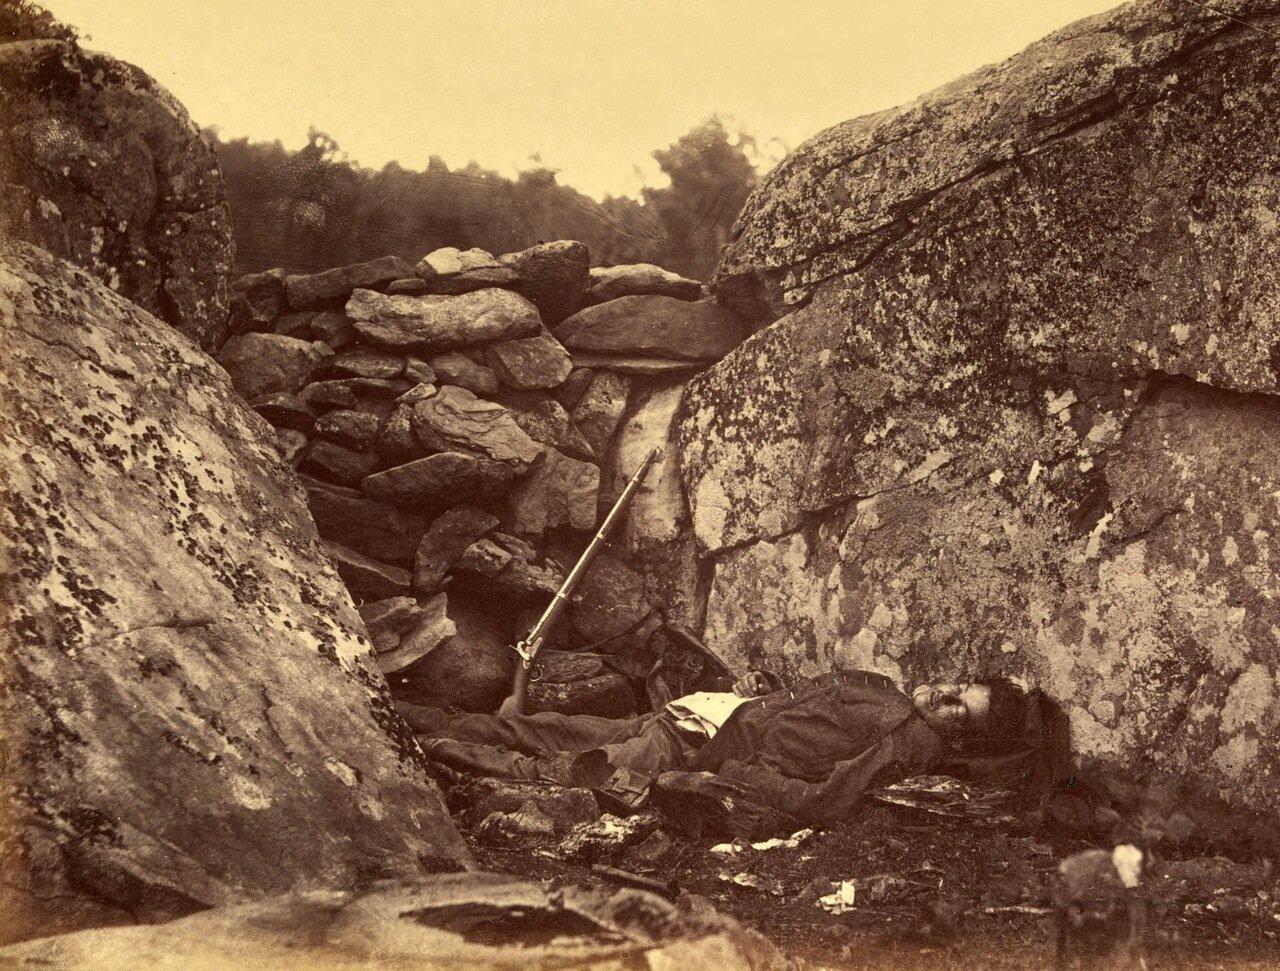 Последняя обитель снайпера, битва при Геттисберге. Пенсильвания. Июль 1863 г.